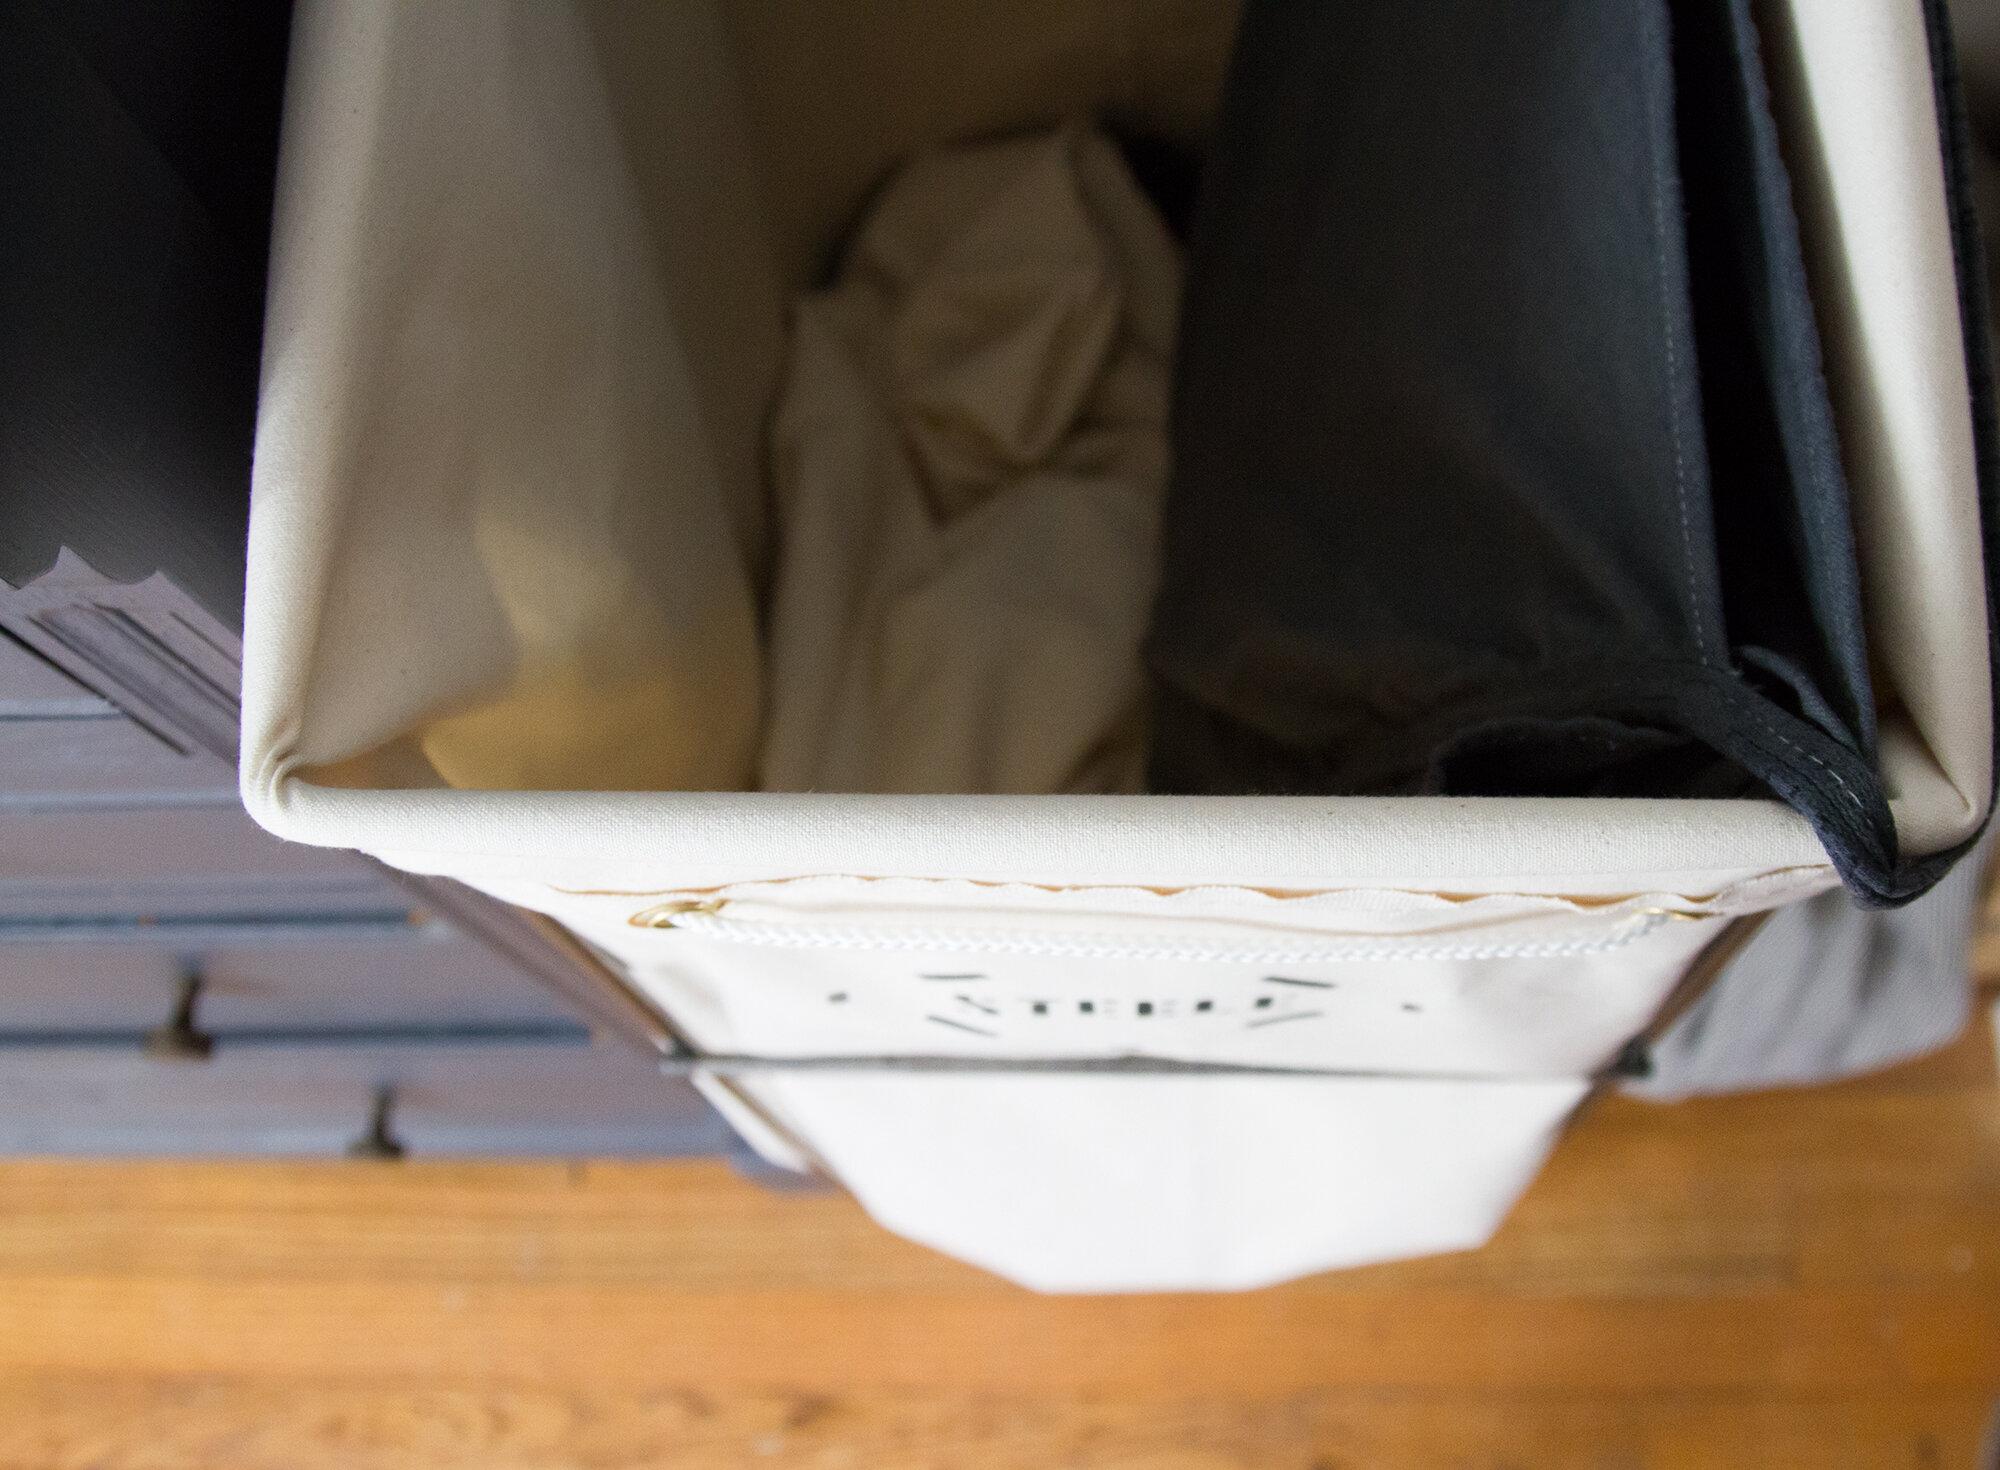 simple stuff: laundry hampers | reading my tea leaves